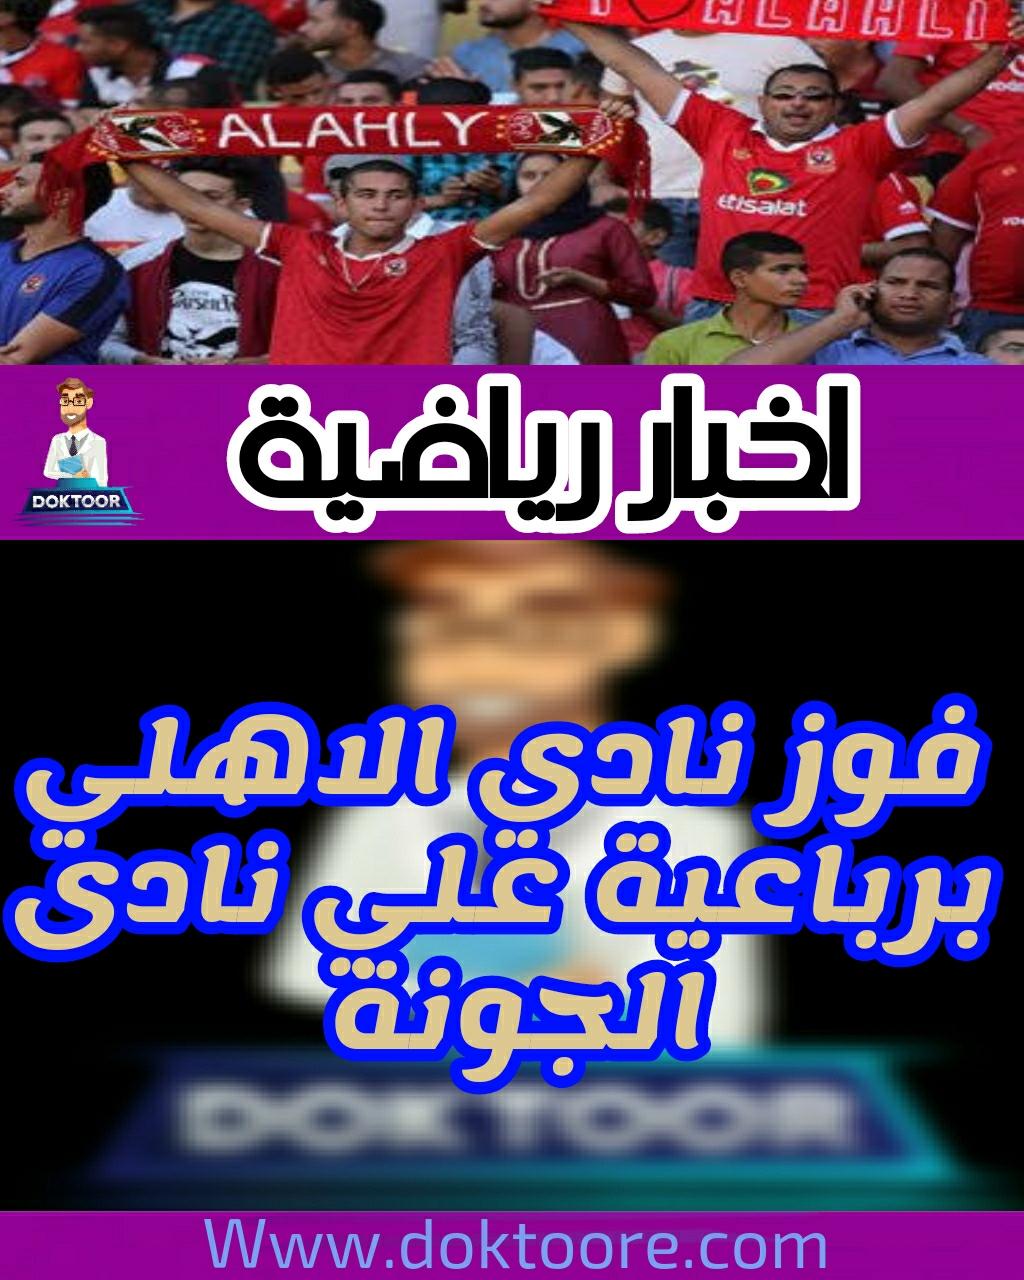 اخبار الكورة العربية اهداف الاهلي والجونة 2019 نتيجة